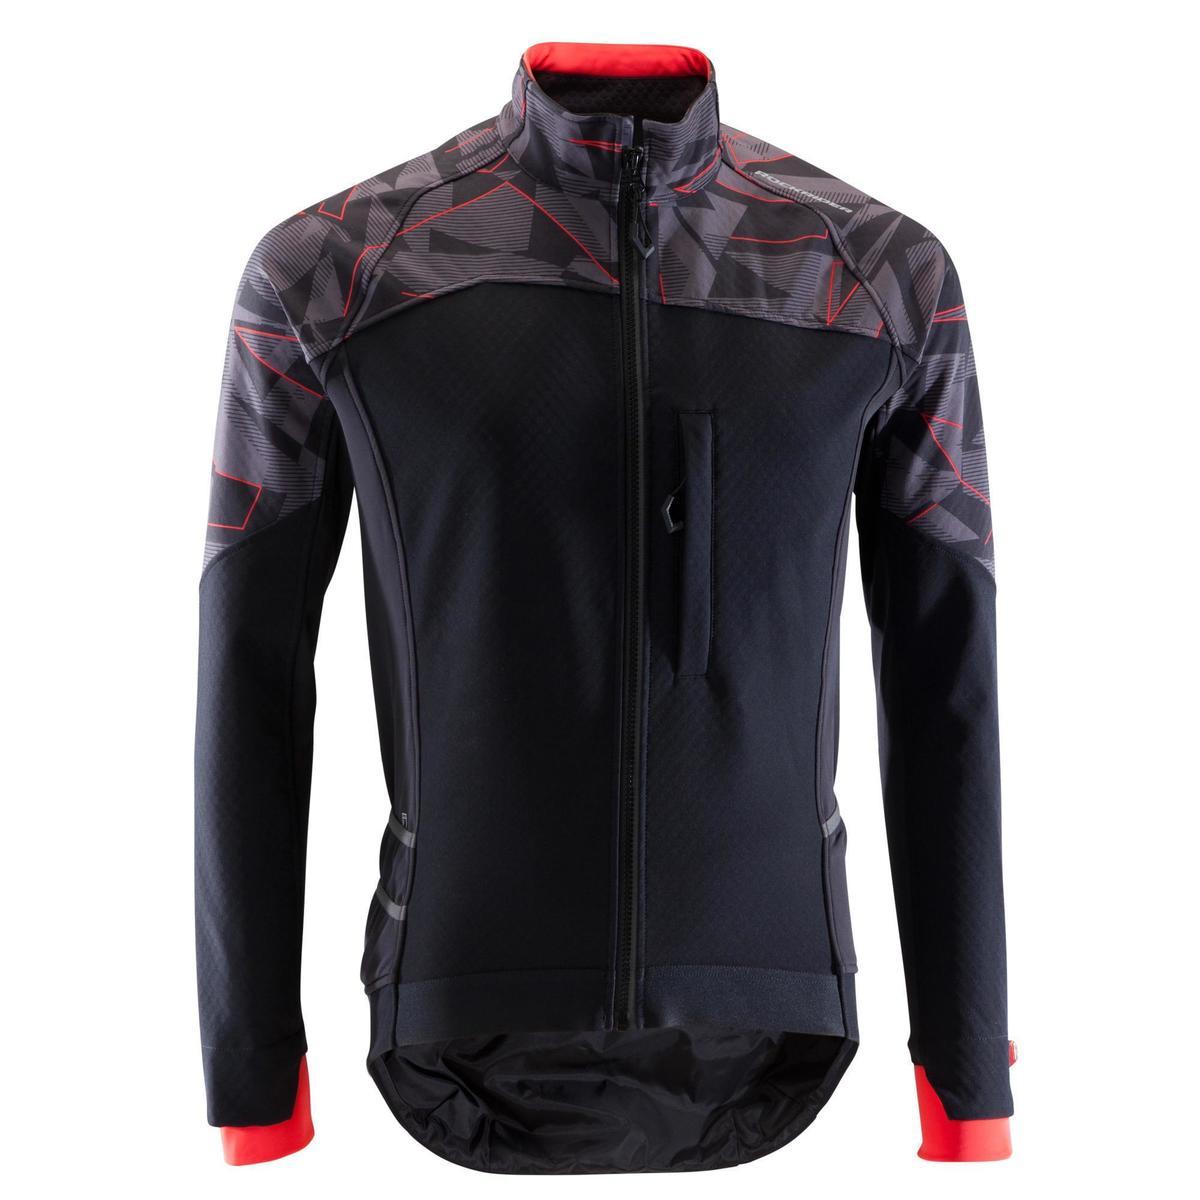 Bild 2 von MTB-Fahrradjacke ST 500 Herren schwarz/neonrot